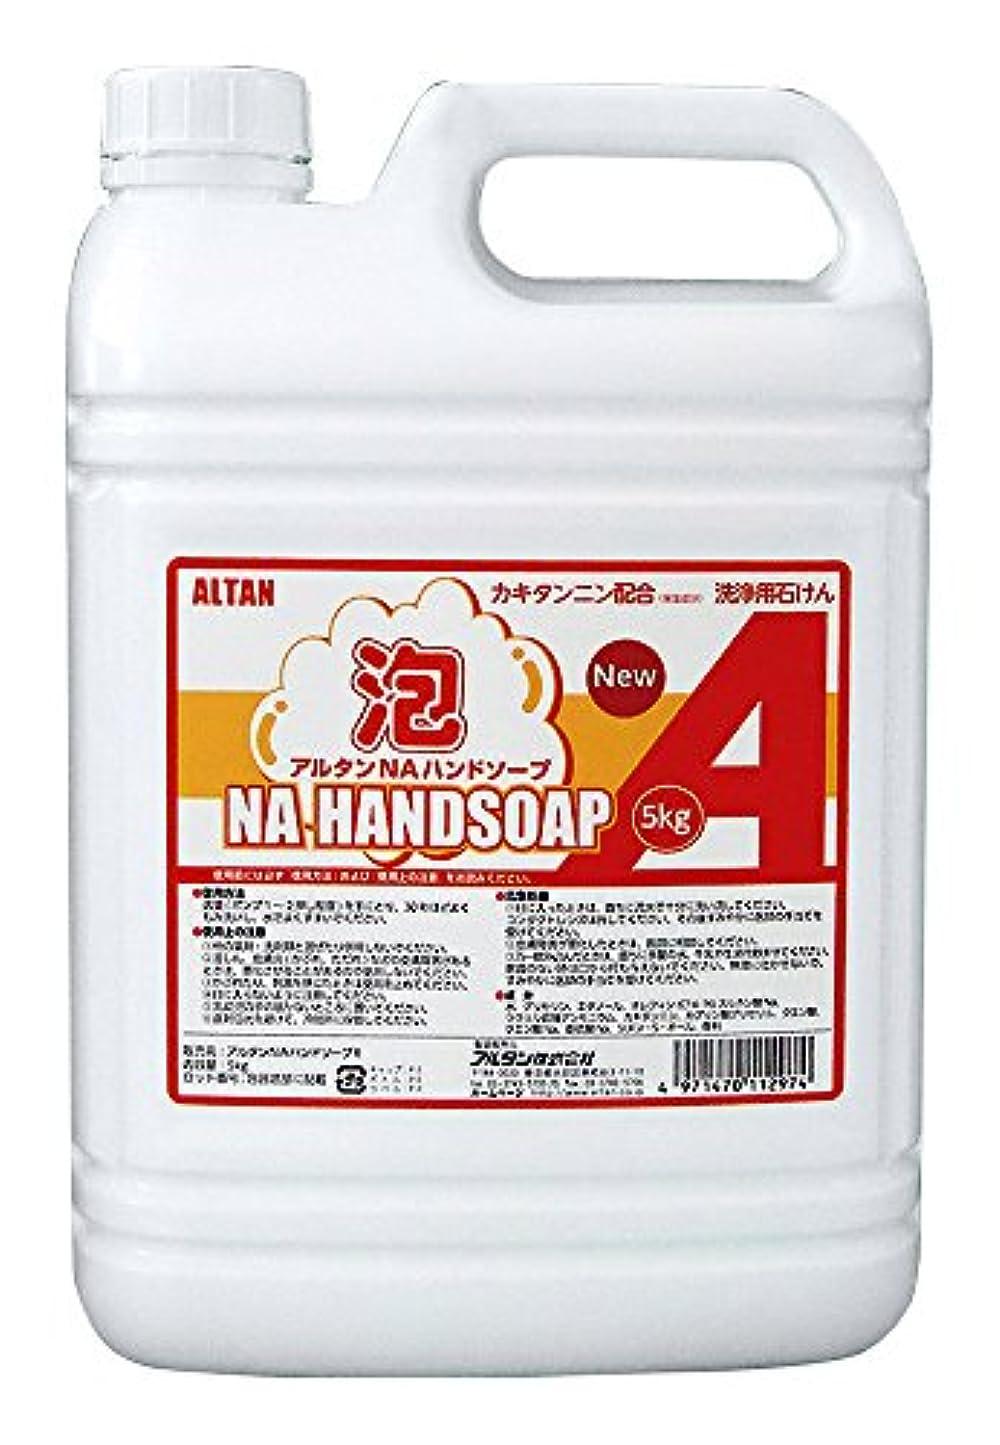 褒賞段落解き明かすALTAN 洗浄用石けん アルタンNA ハンドソープ 泡タイプ 5kg